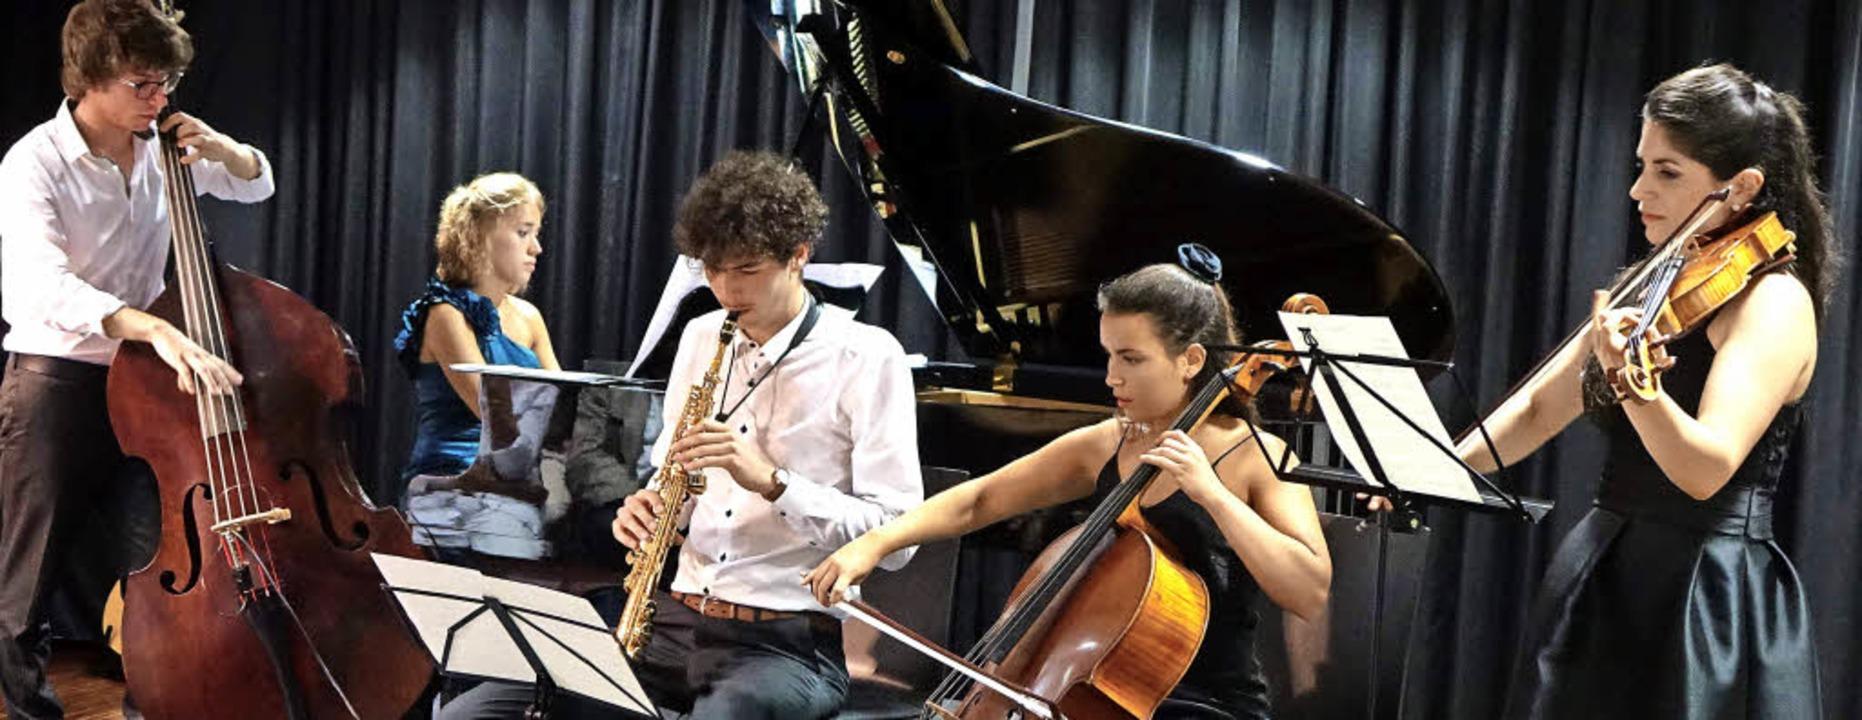 In den Zugaben nach dem Konzert &#8222...von links) in Tango- und Jazz-Klängen.  | Foto: Roswitha Frey